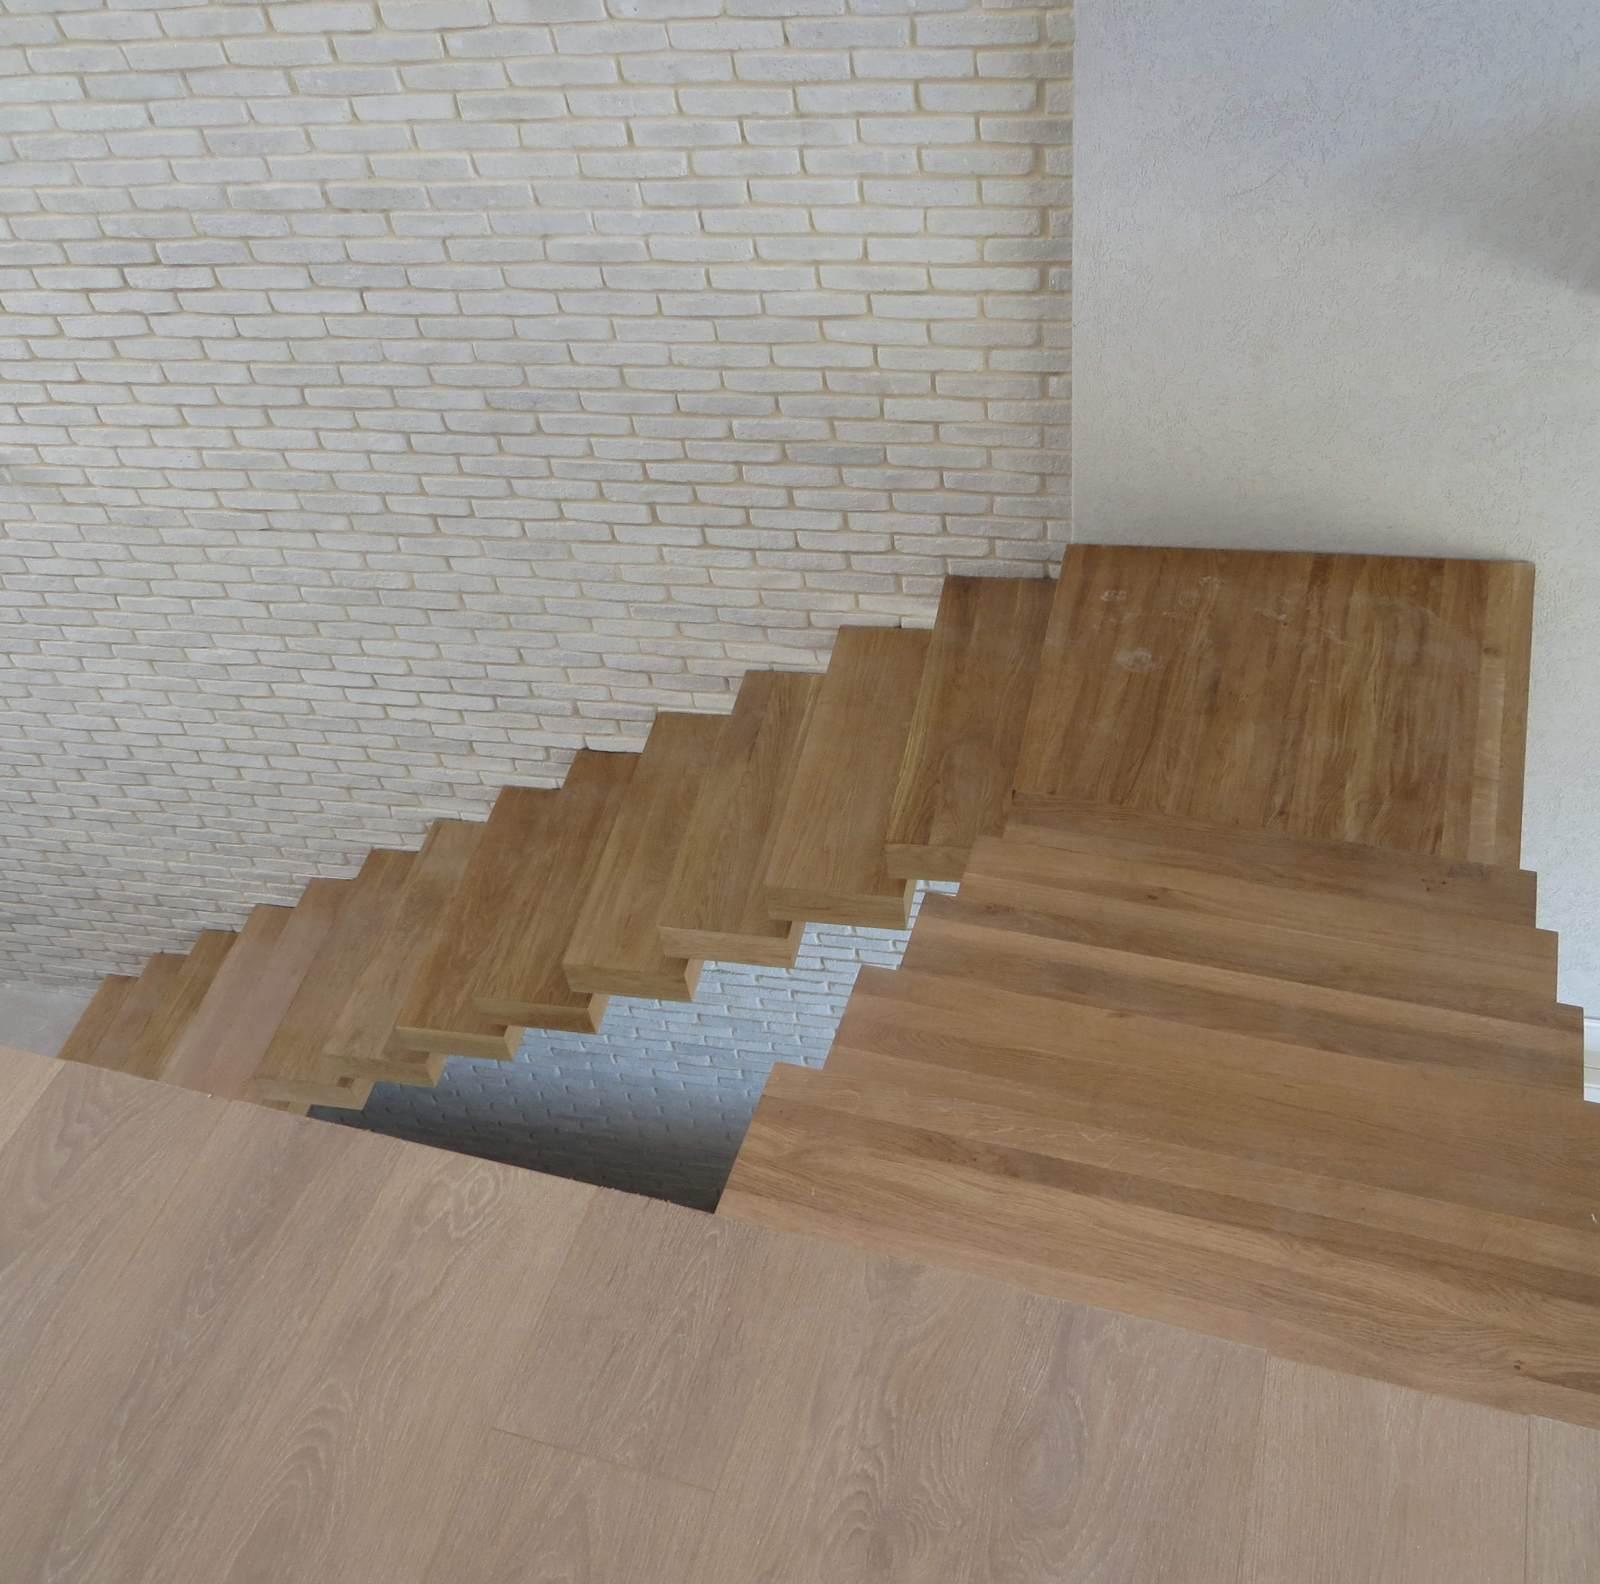 עיצוב מדרגות עץ וקיר לבני סיליקט